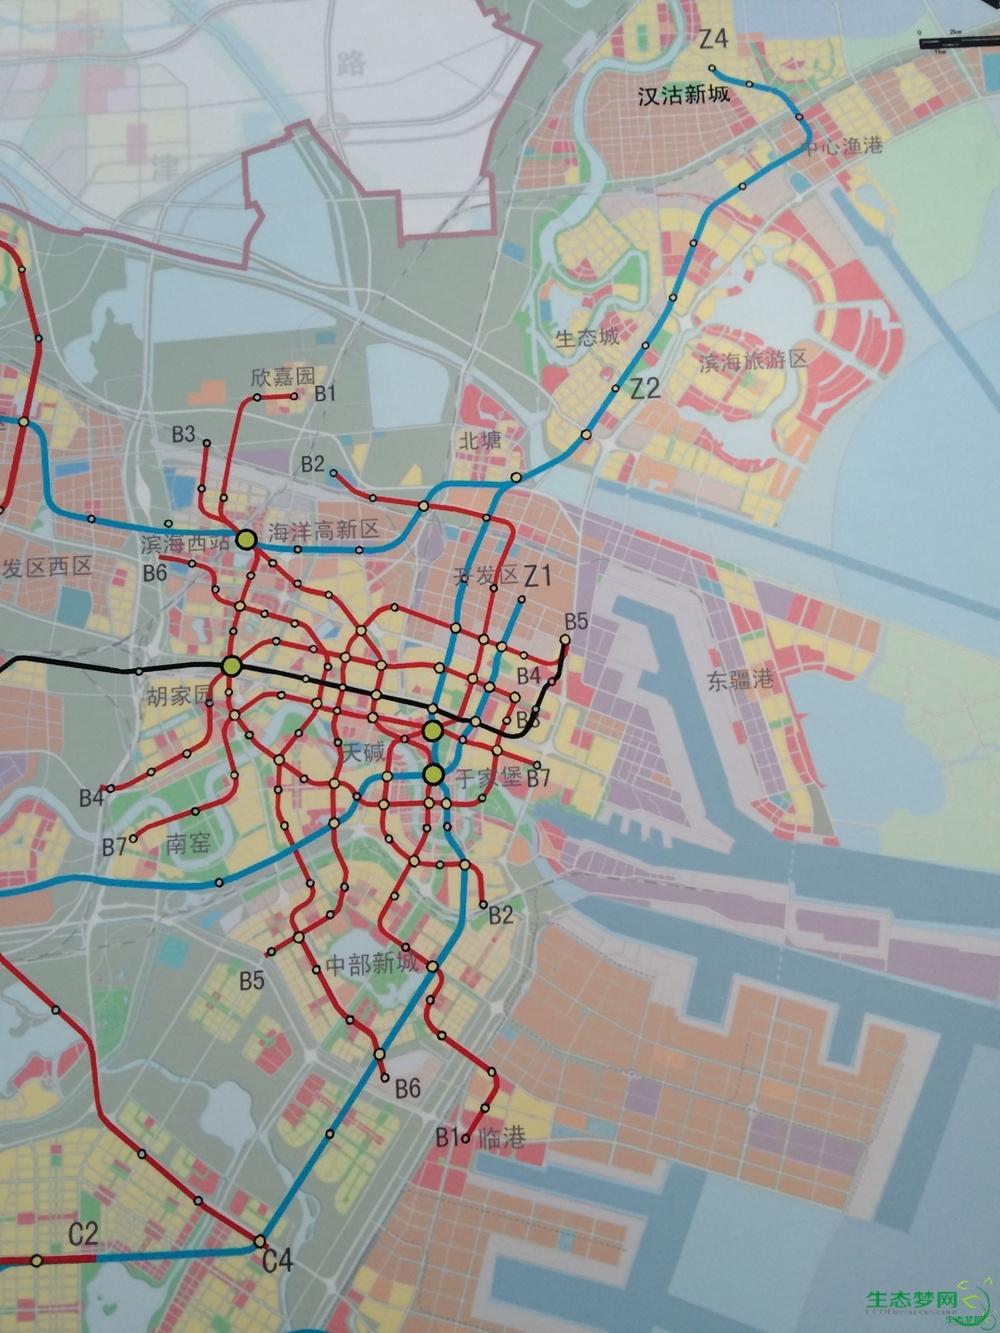 关于滨海新区地铁的规划图